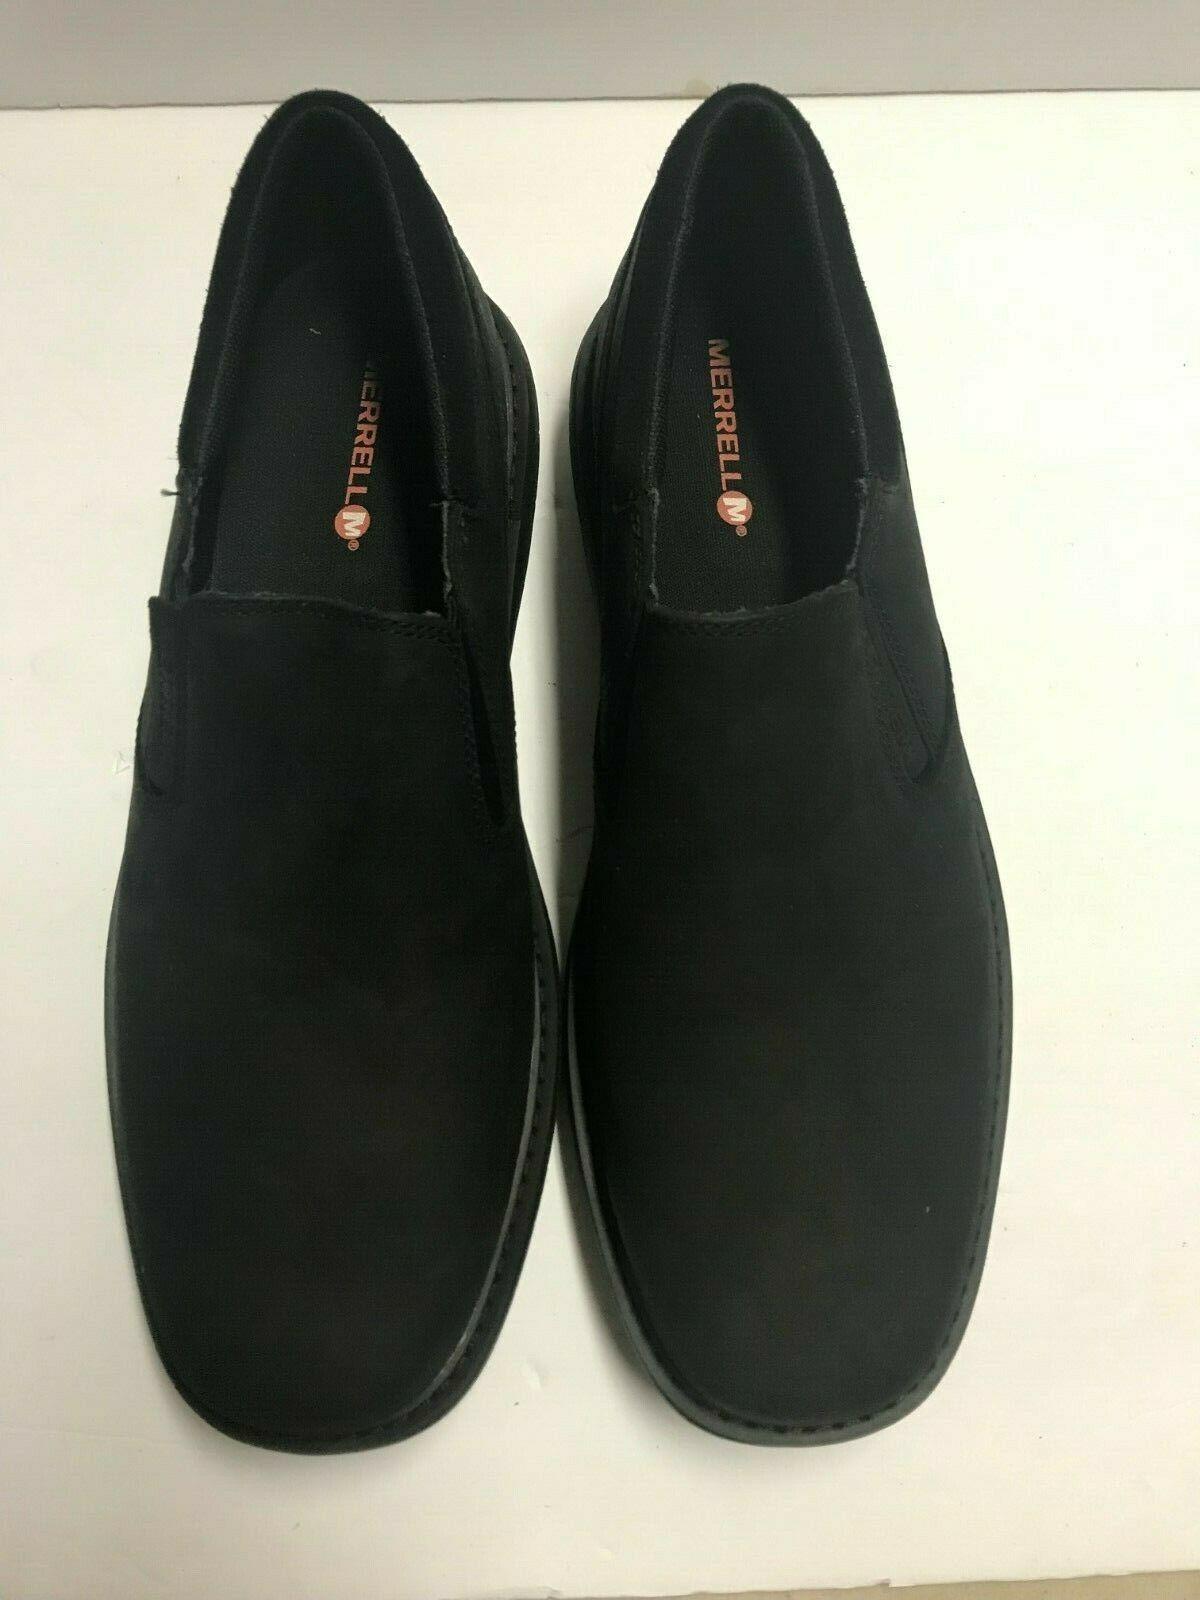 Merrell Men's World Vue Moc Slip-on  Black Size 11 M New